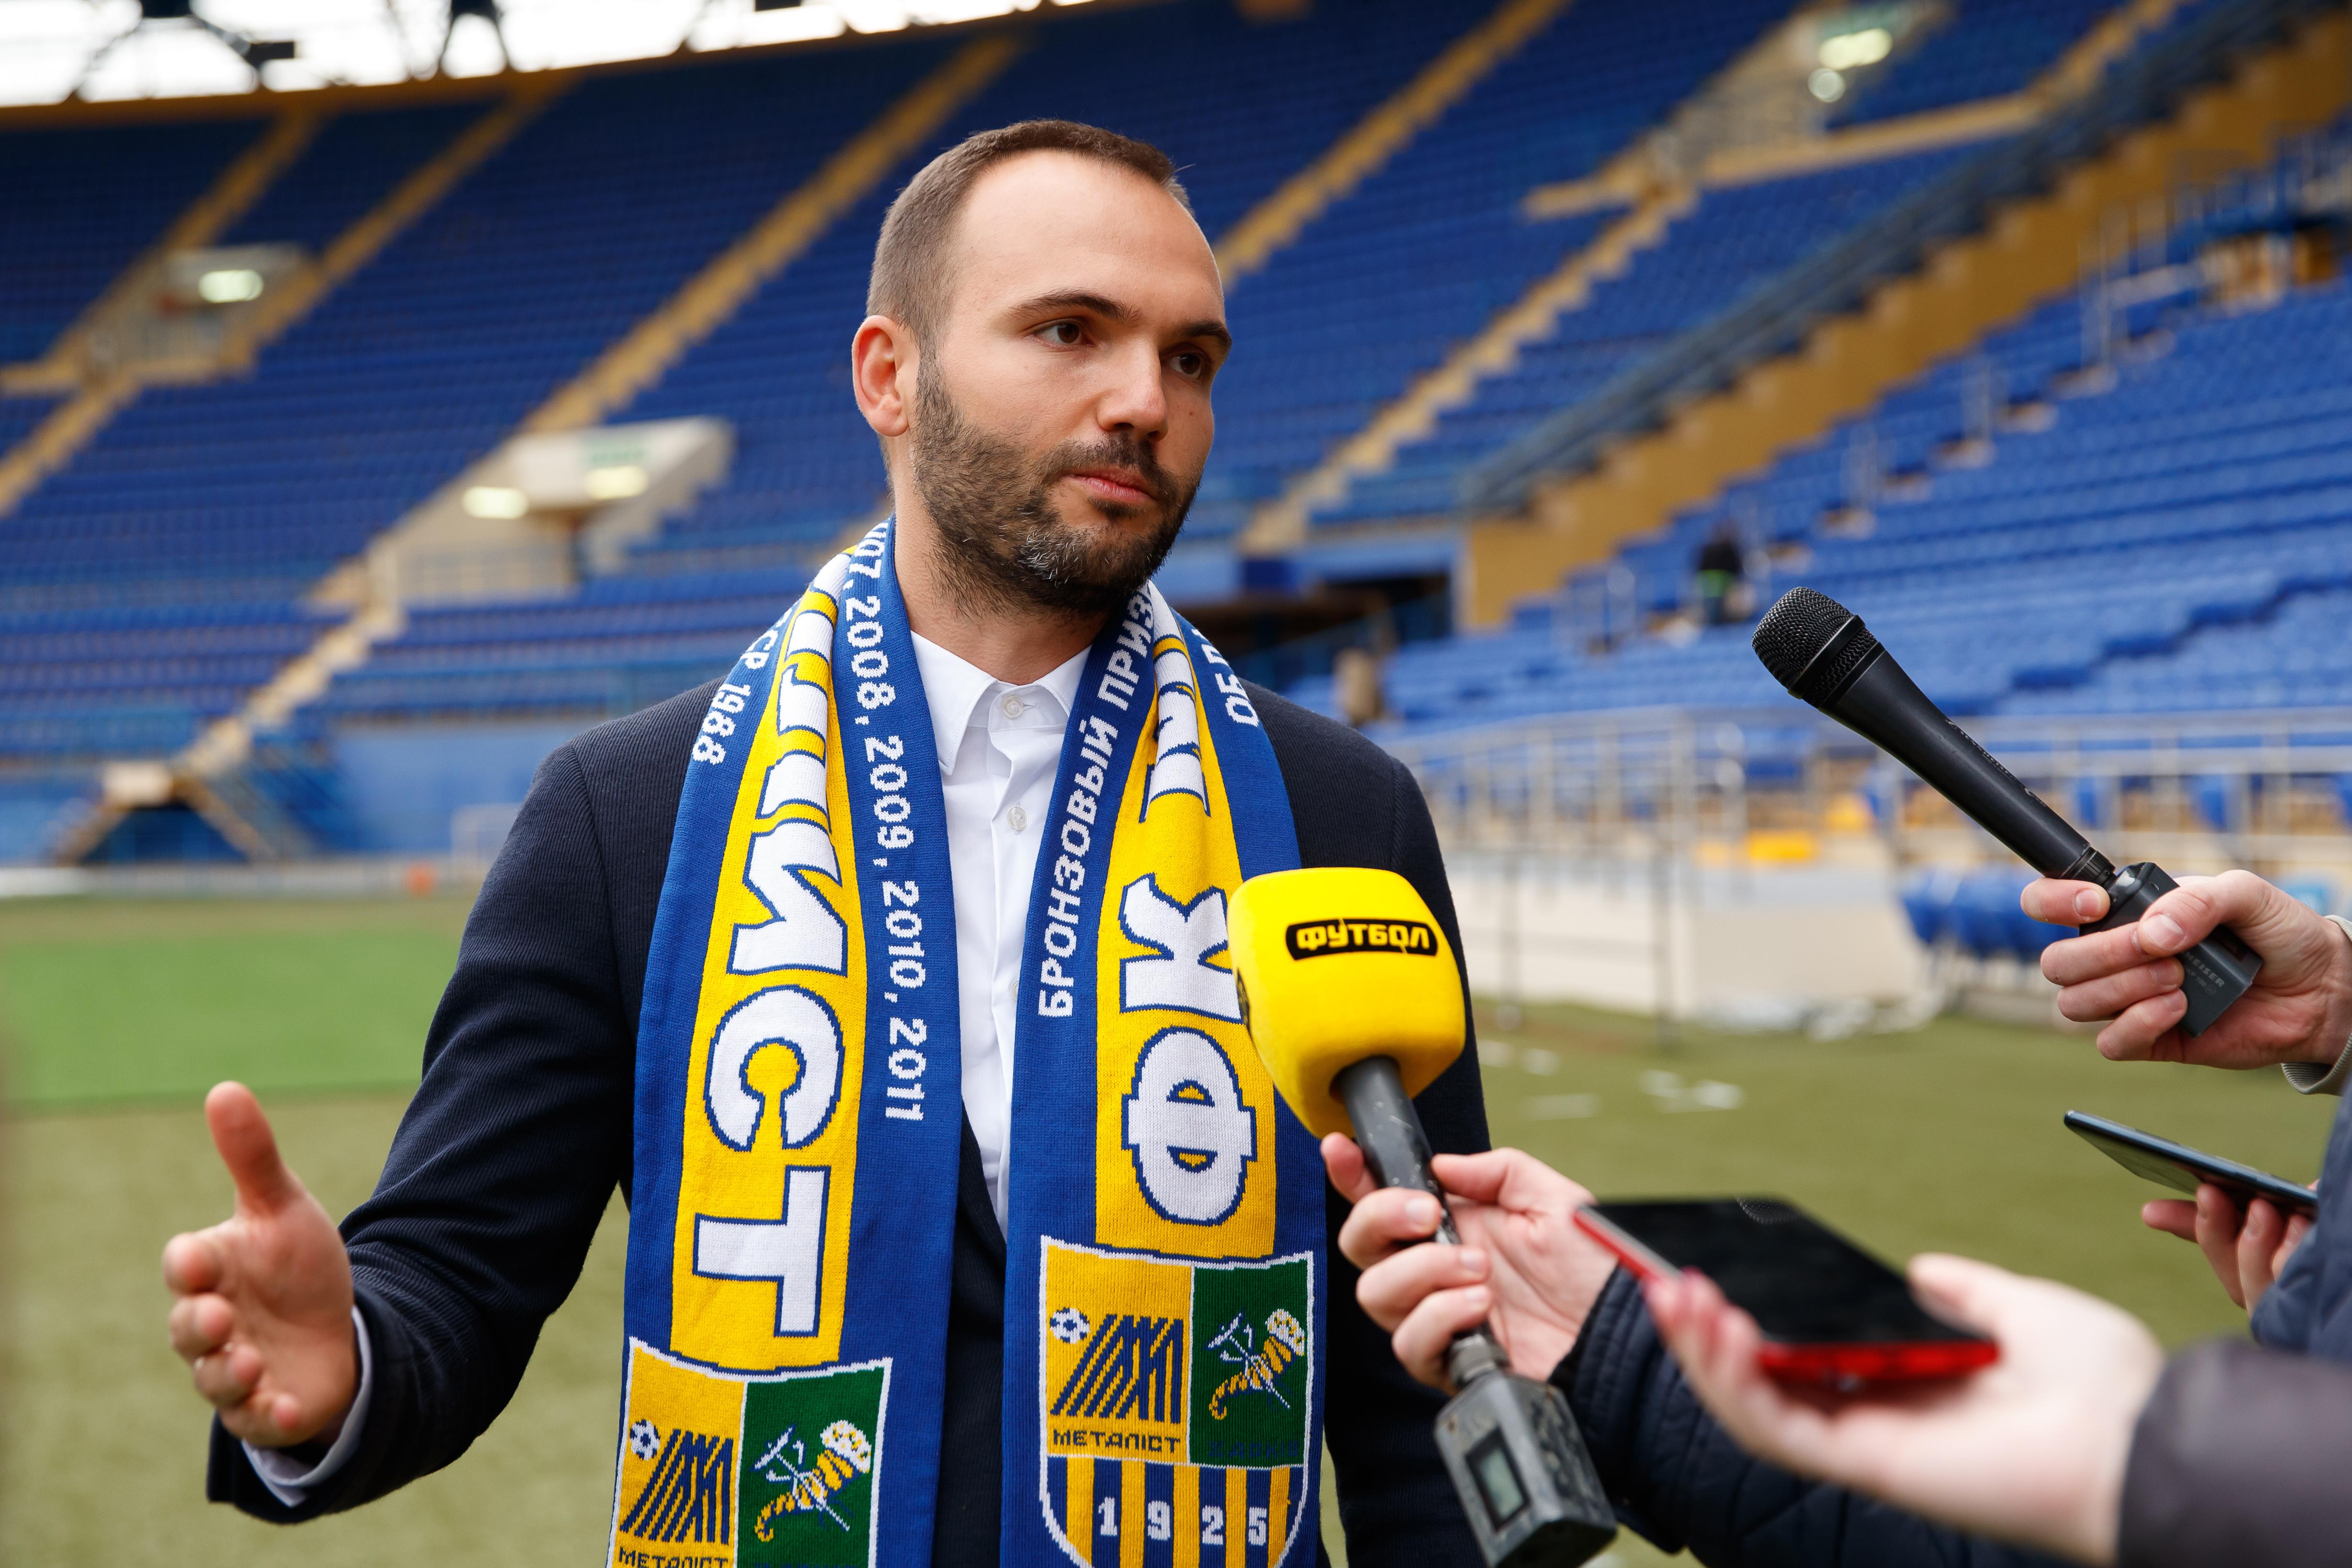 Онлайн-сервіс Uklon став Генеральним спонсором харківського ФК Металіст